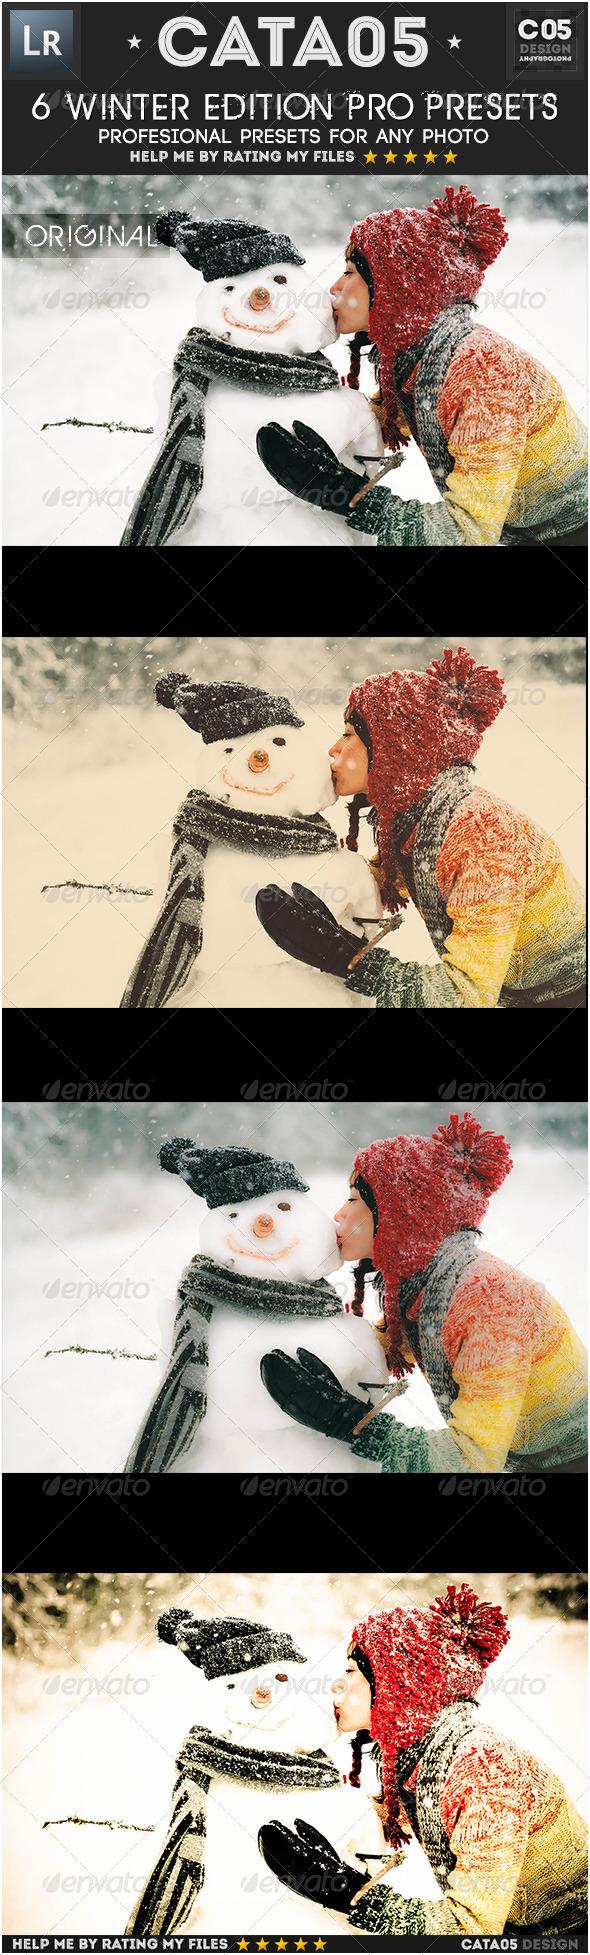 GraphicRiver 6 Winter Edition Pro Presets 6363312